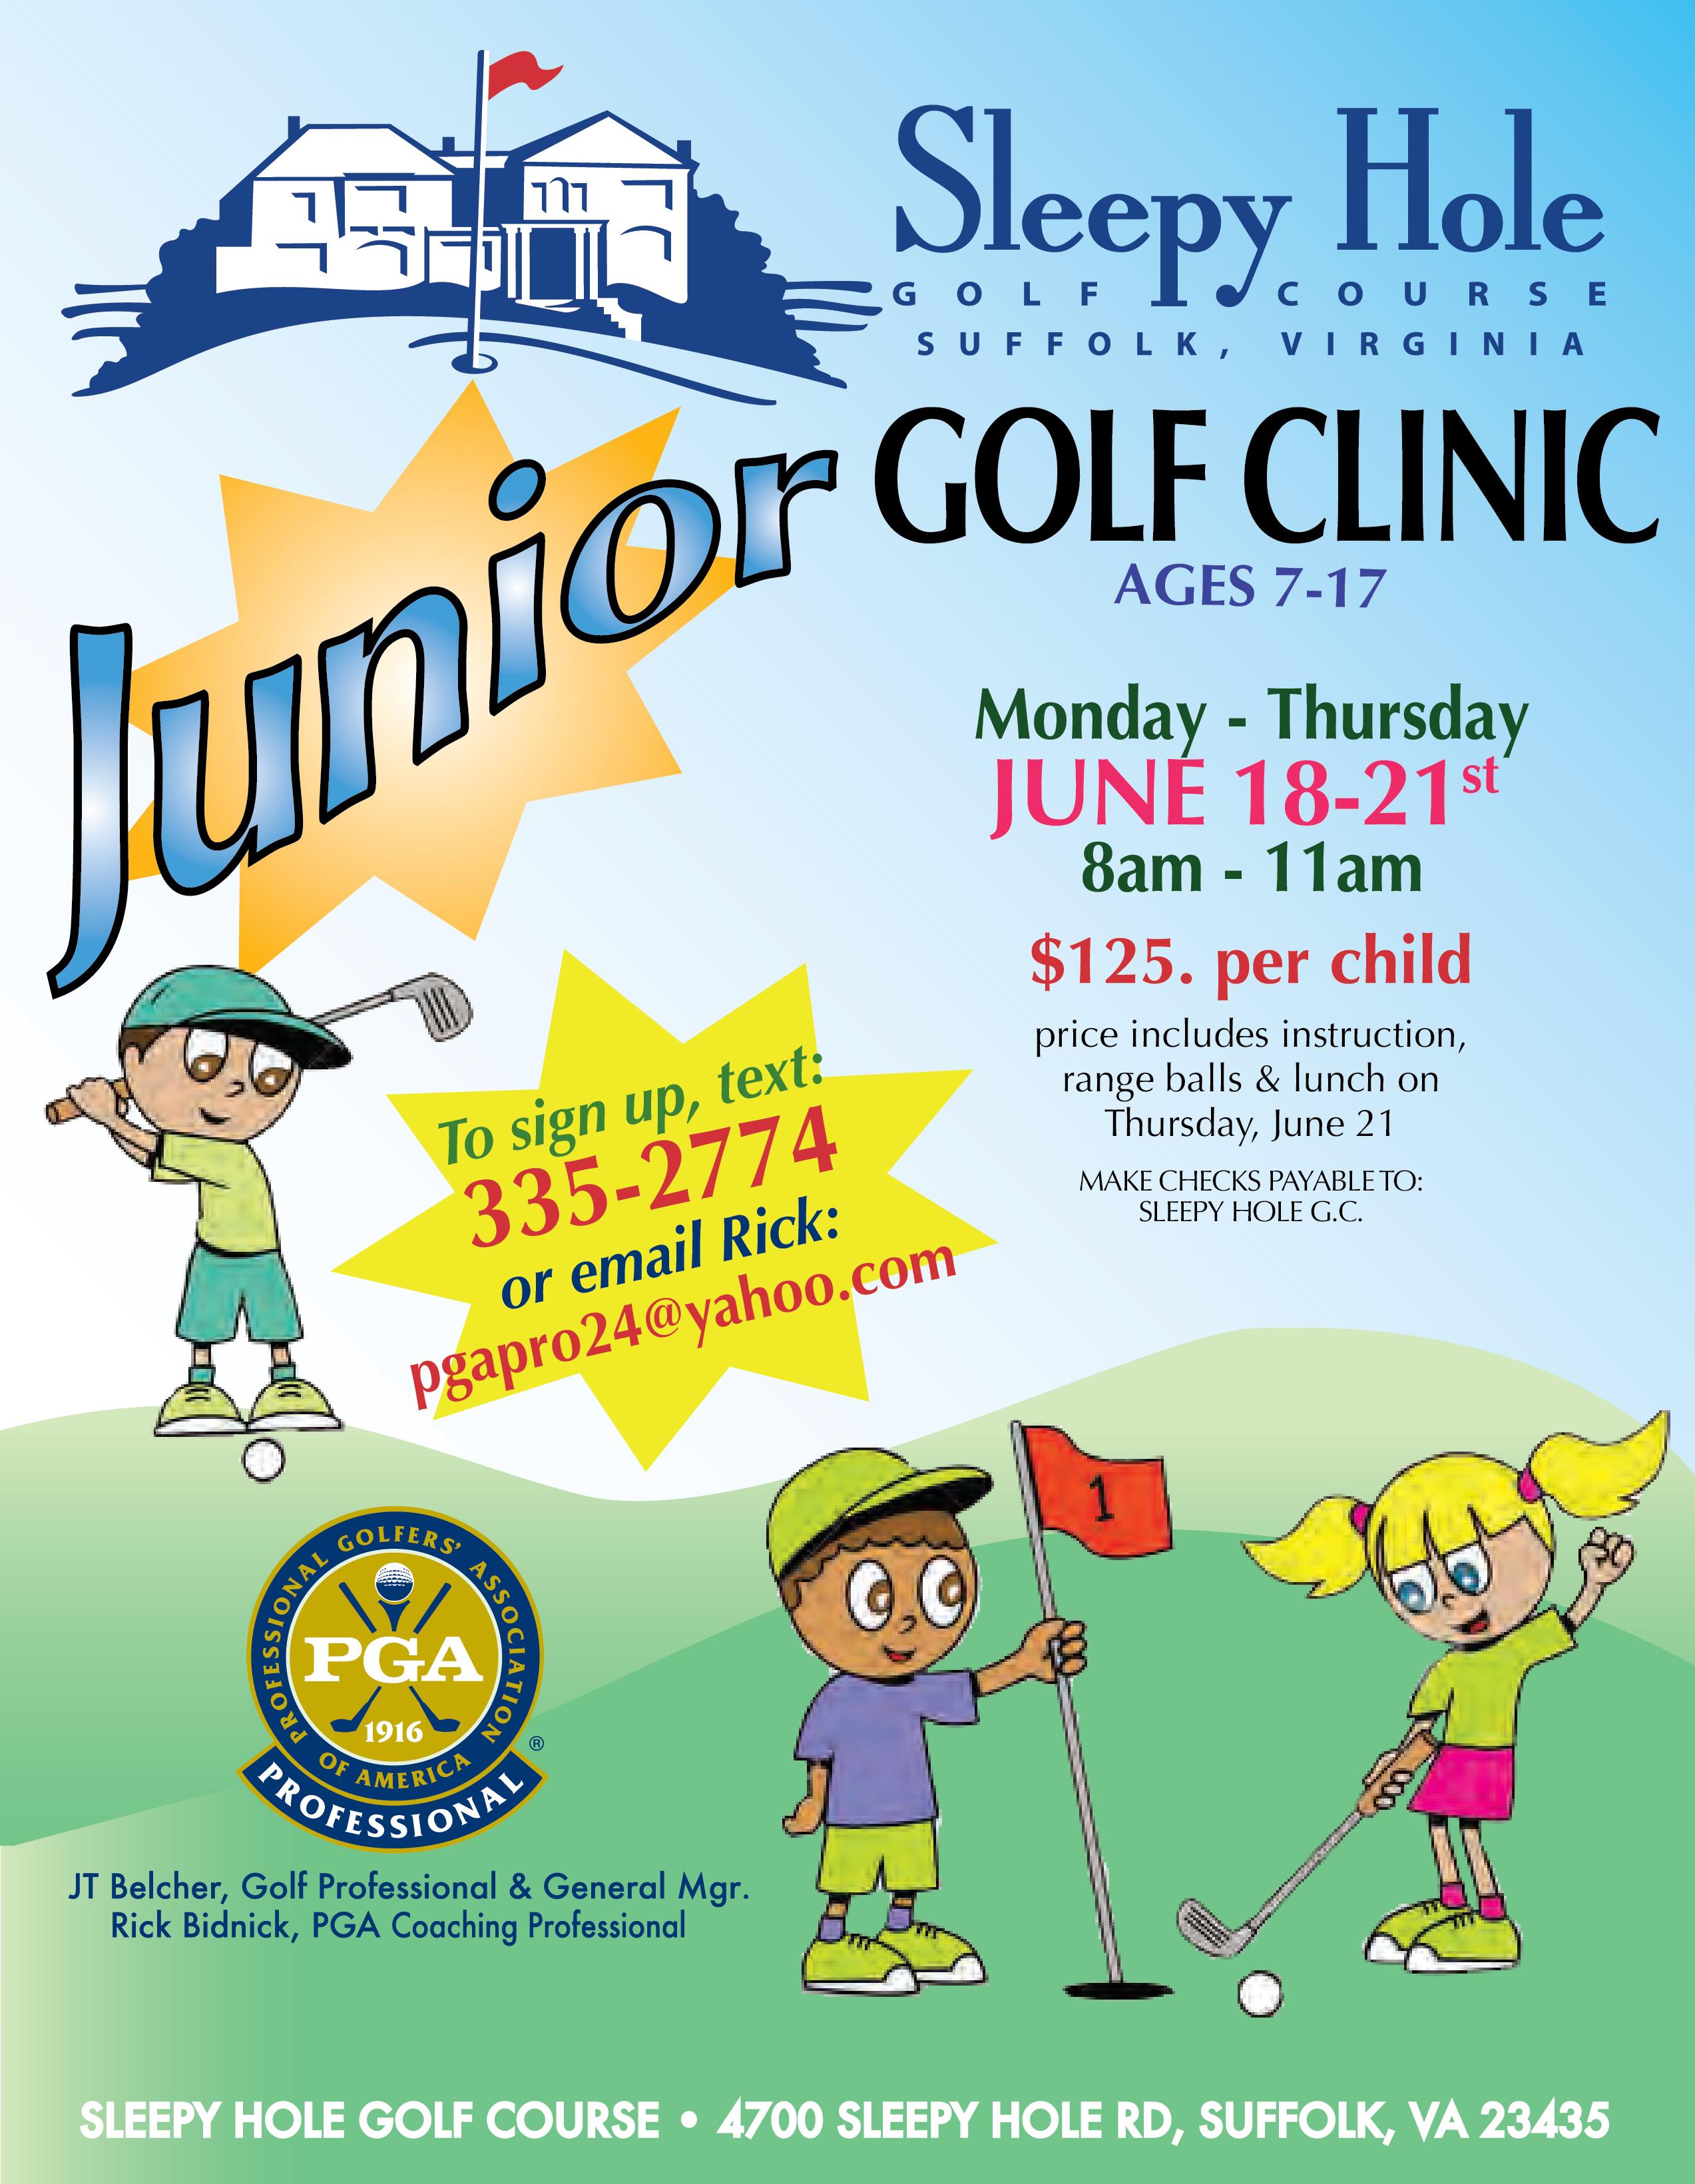 Junior Golf Clinic Sleepy Hole Golf Course